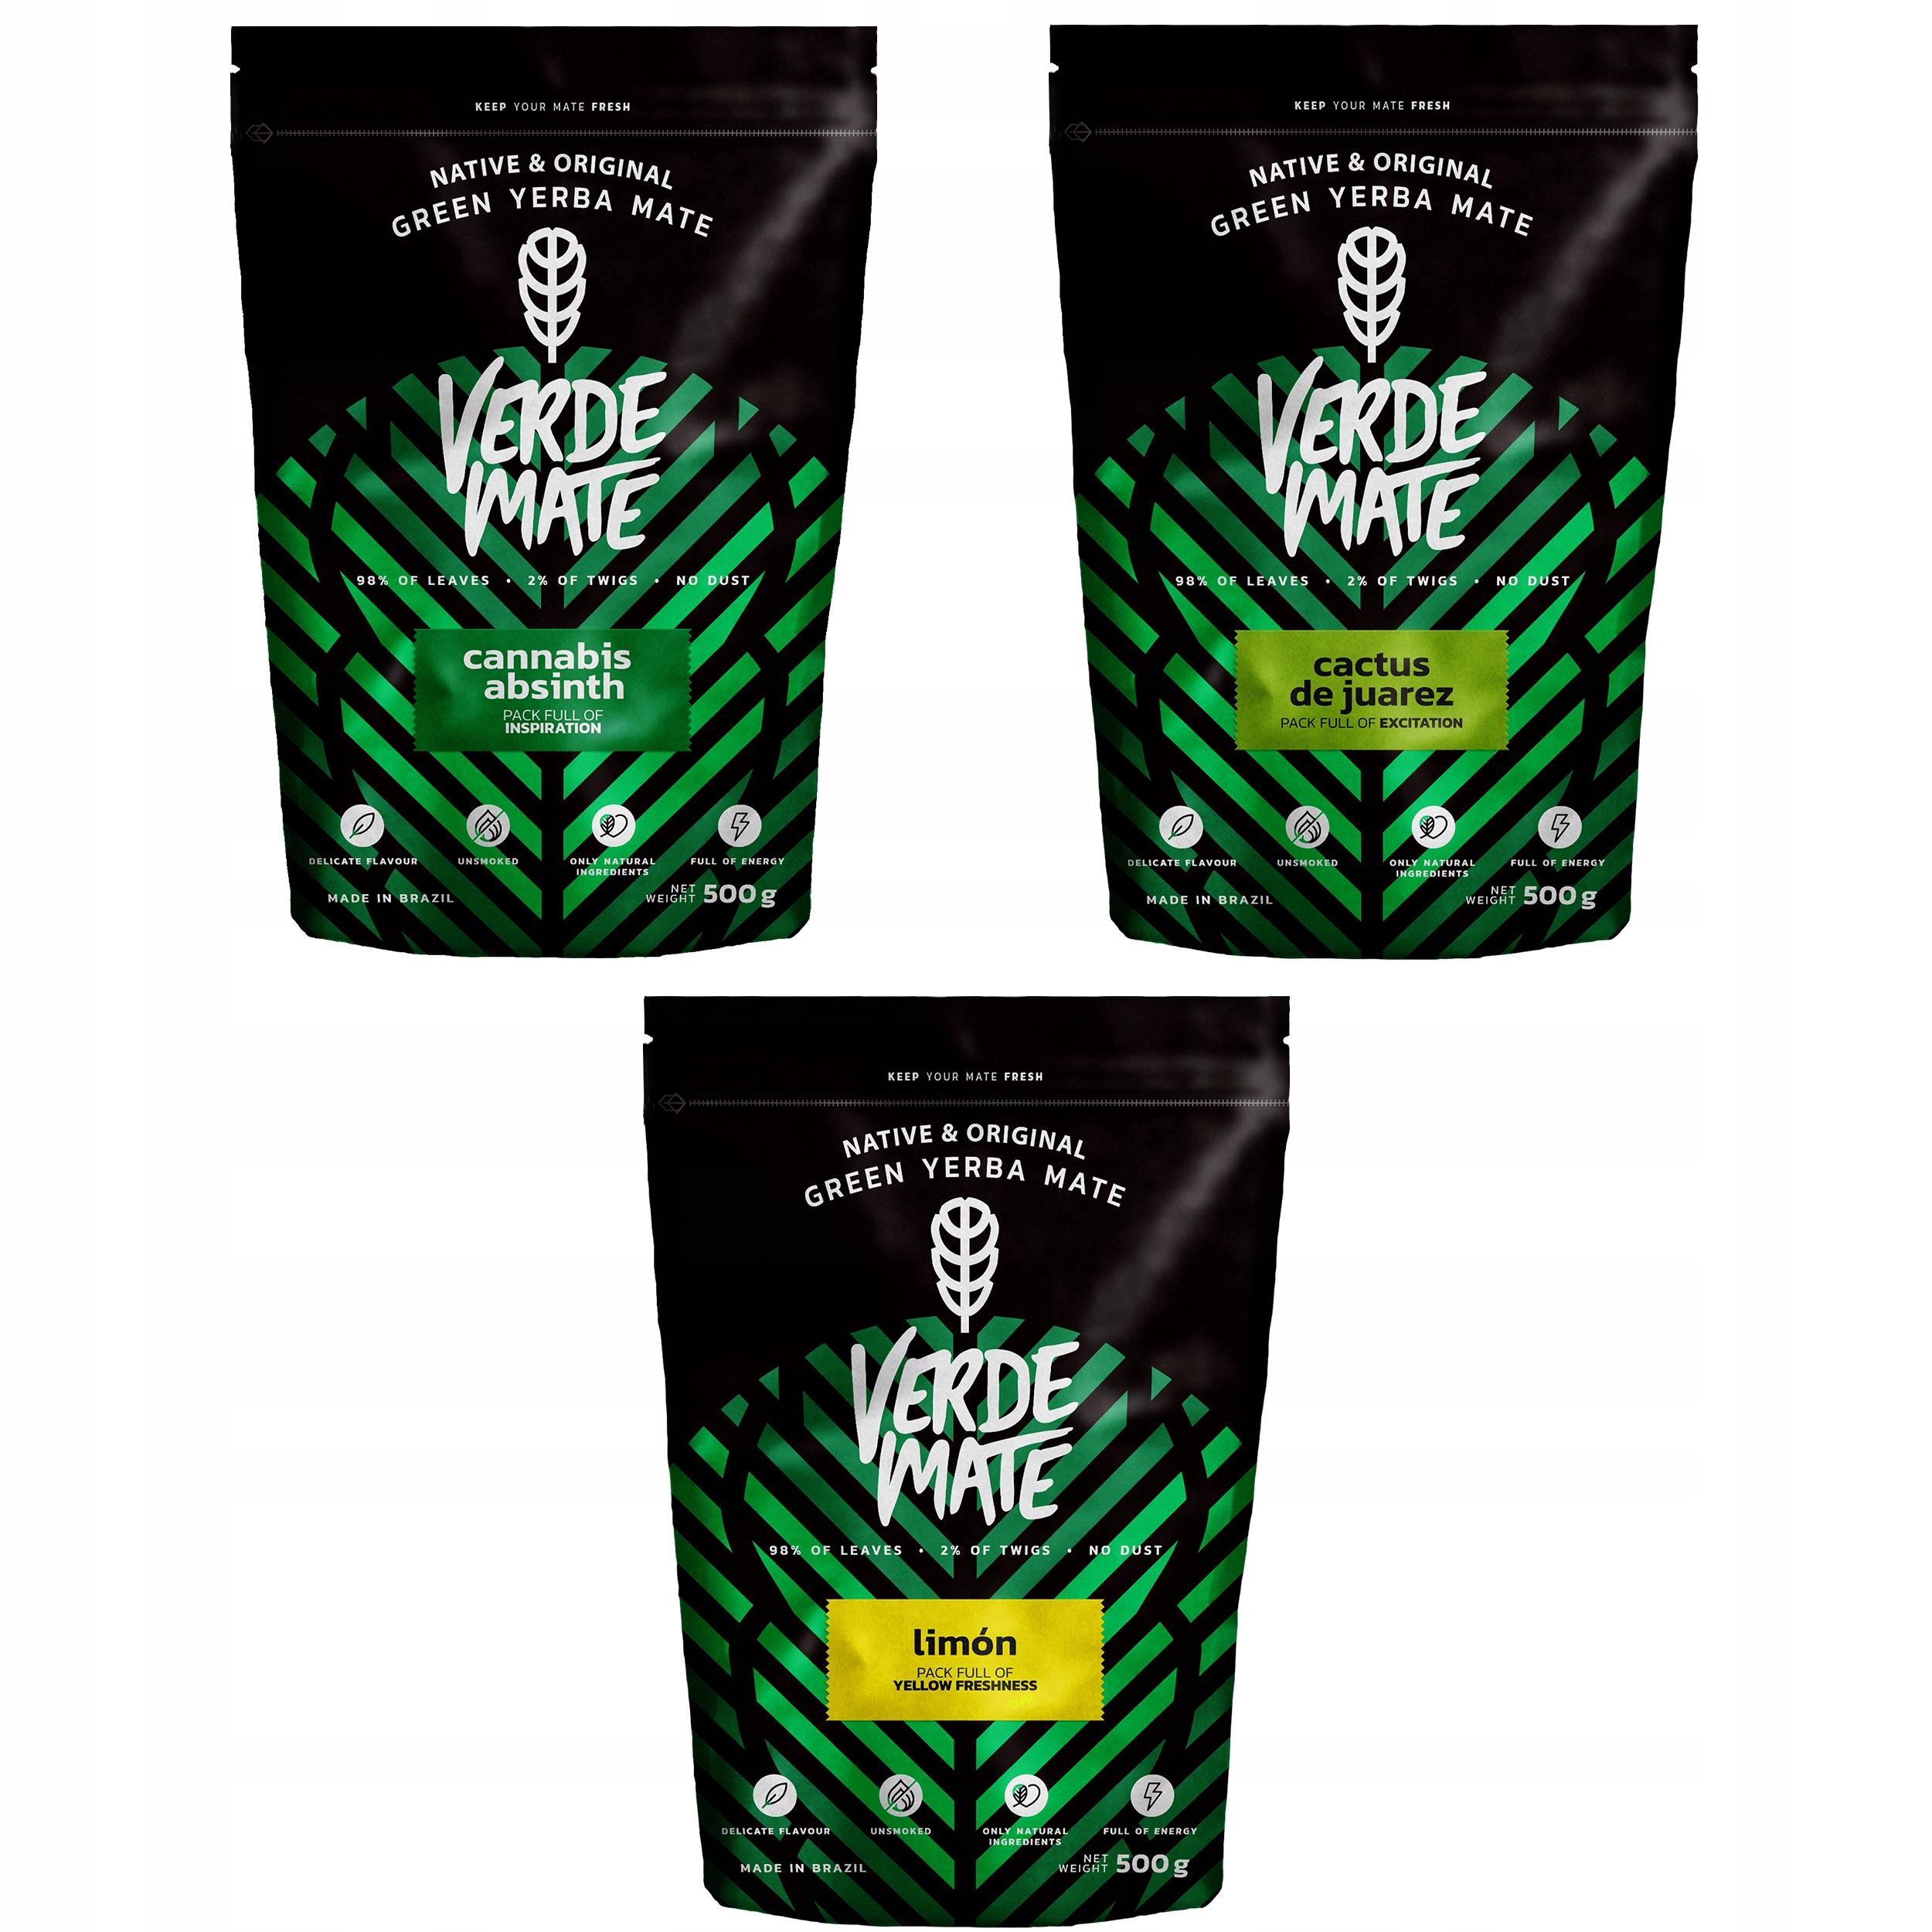 Yerba Verde Mate ЛУЧШИЕ ВИДЫ вкусов для старта